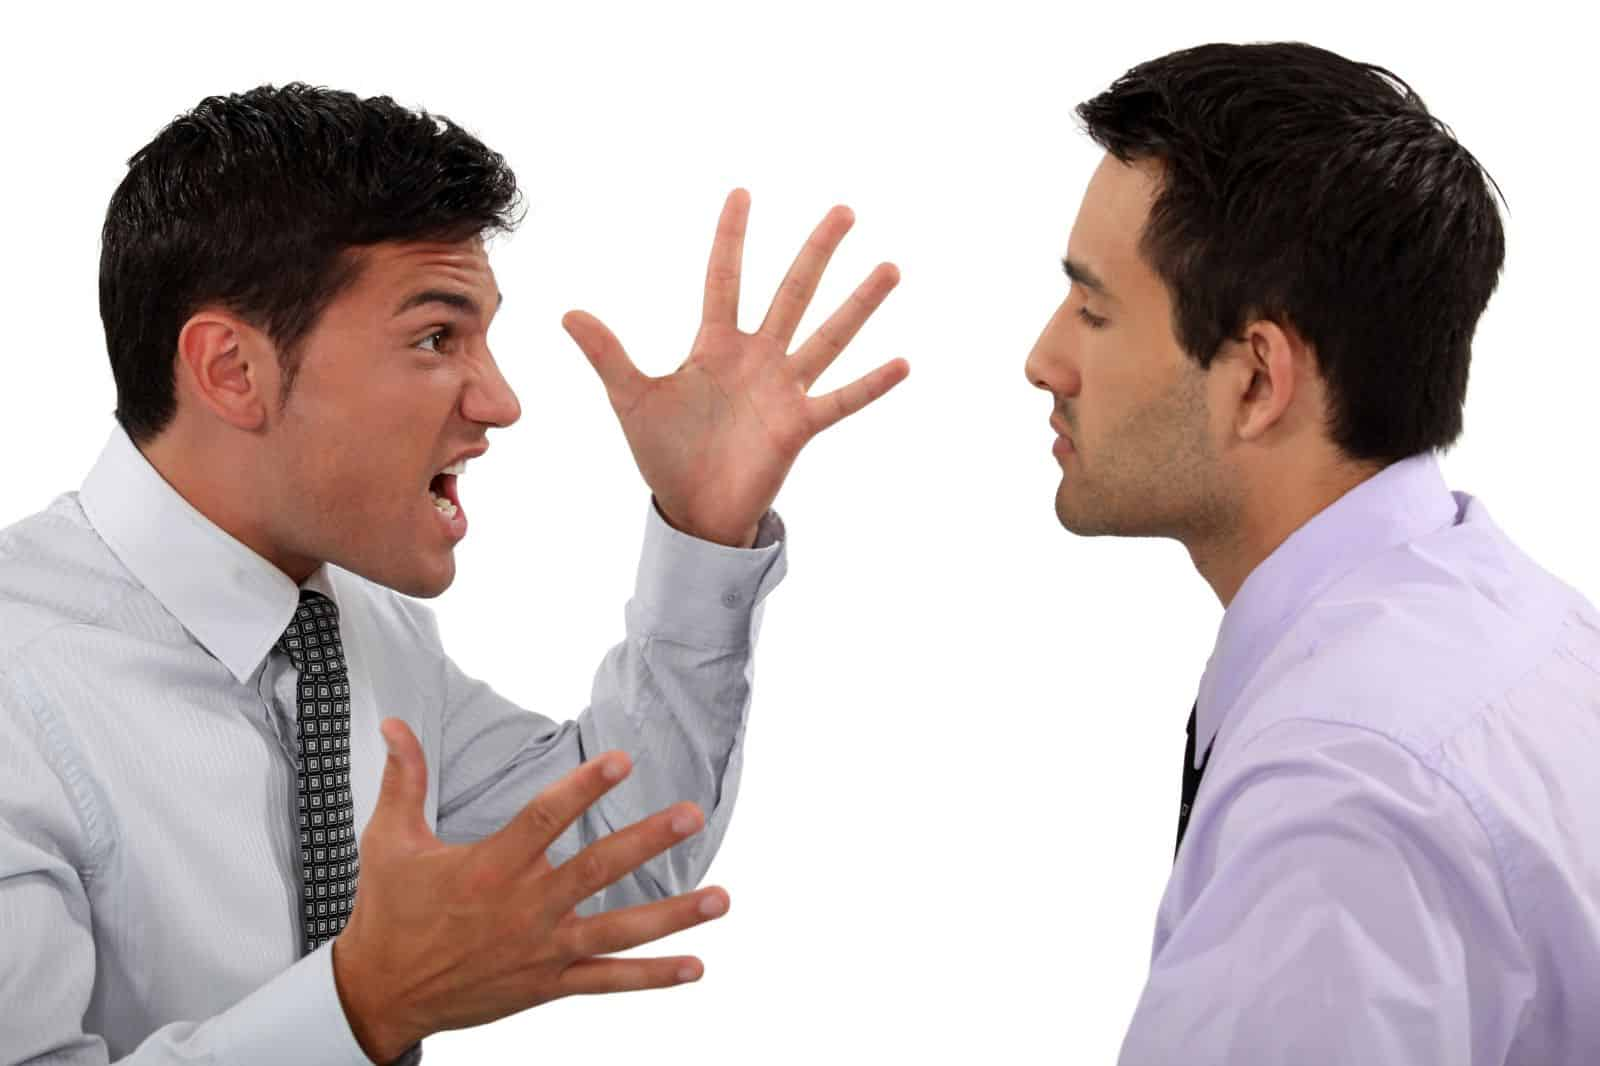 Млжно ли наказать дисциплинарно сотрудника за грубость